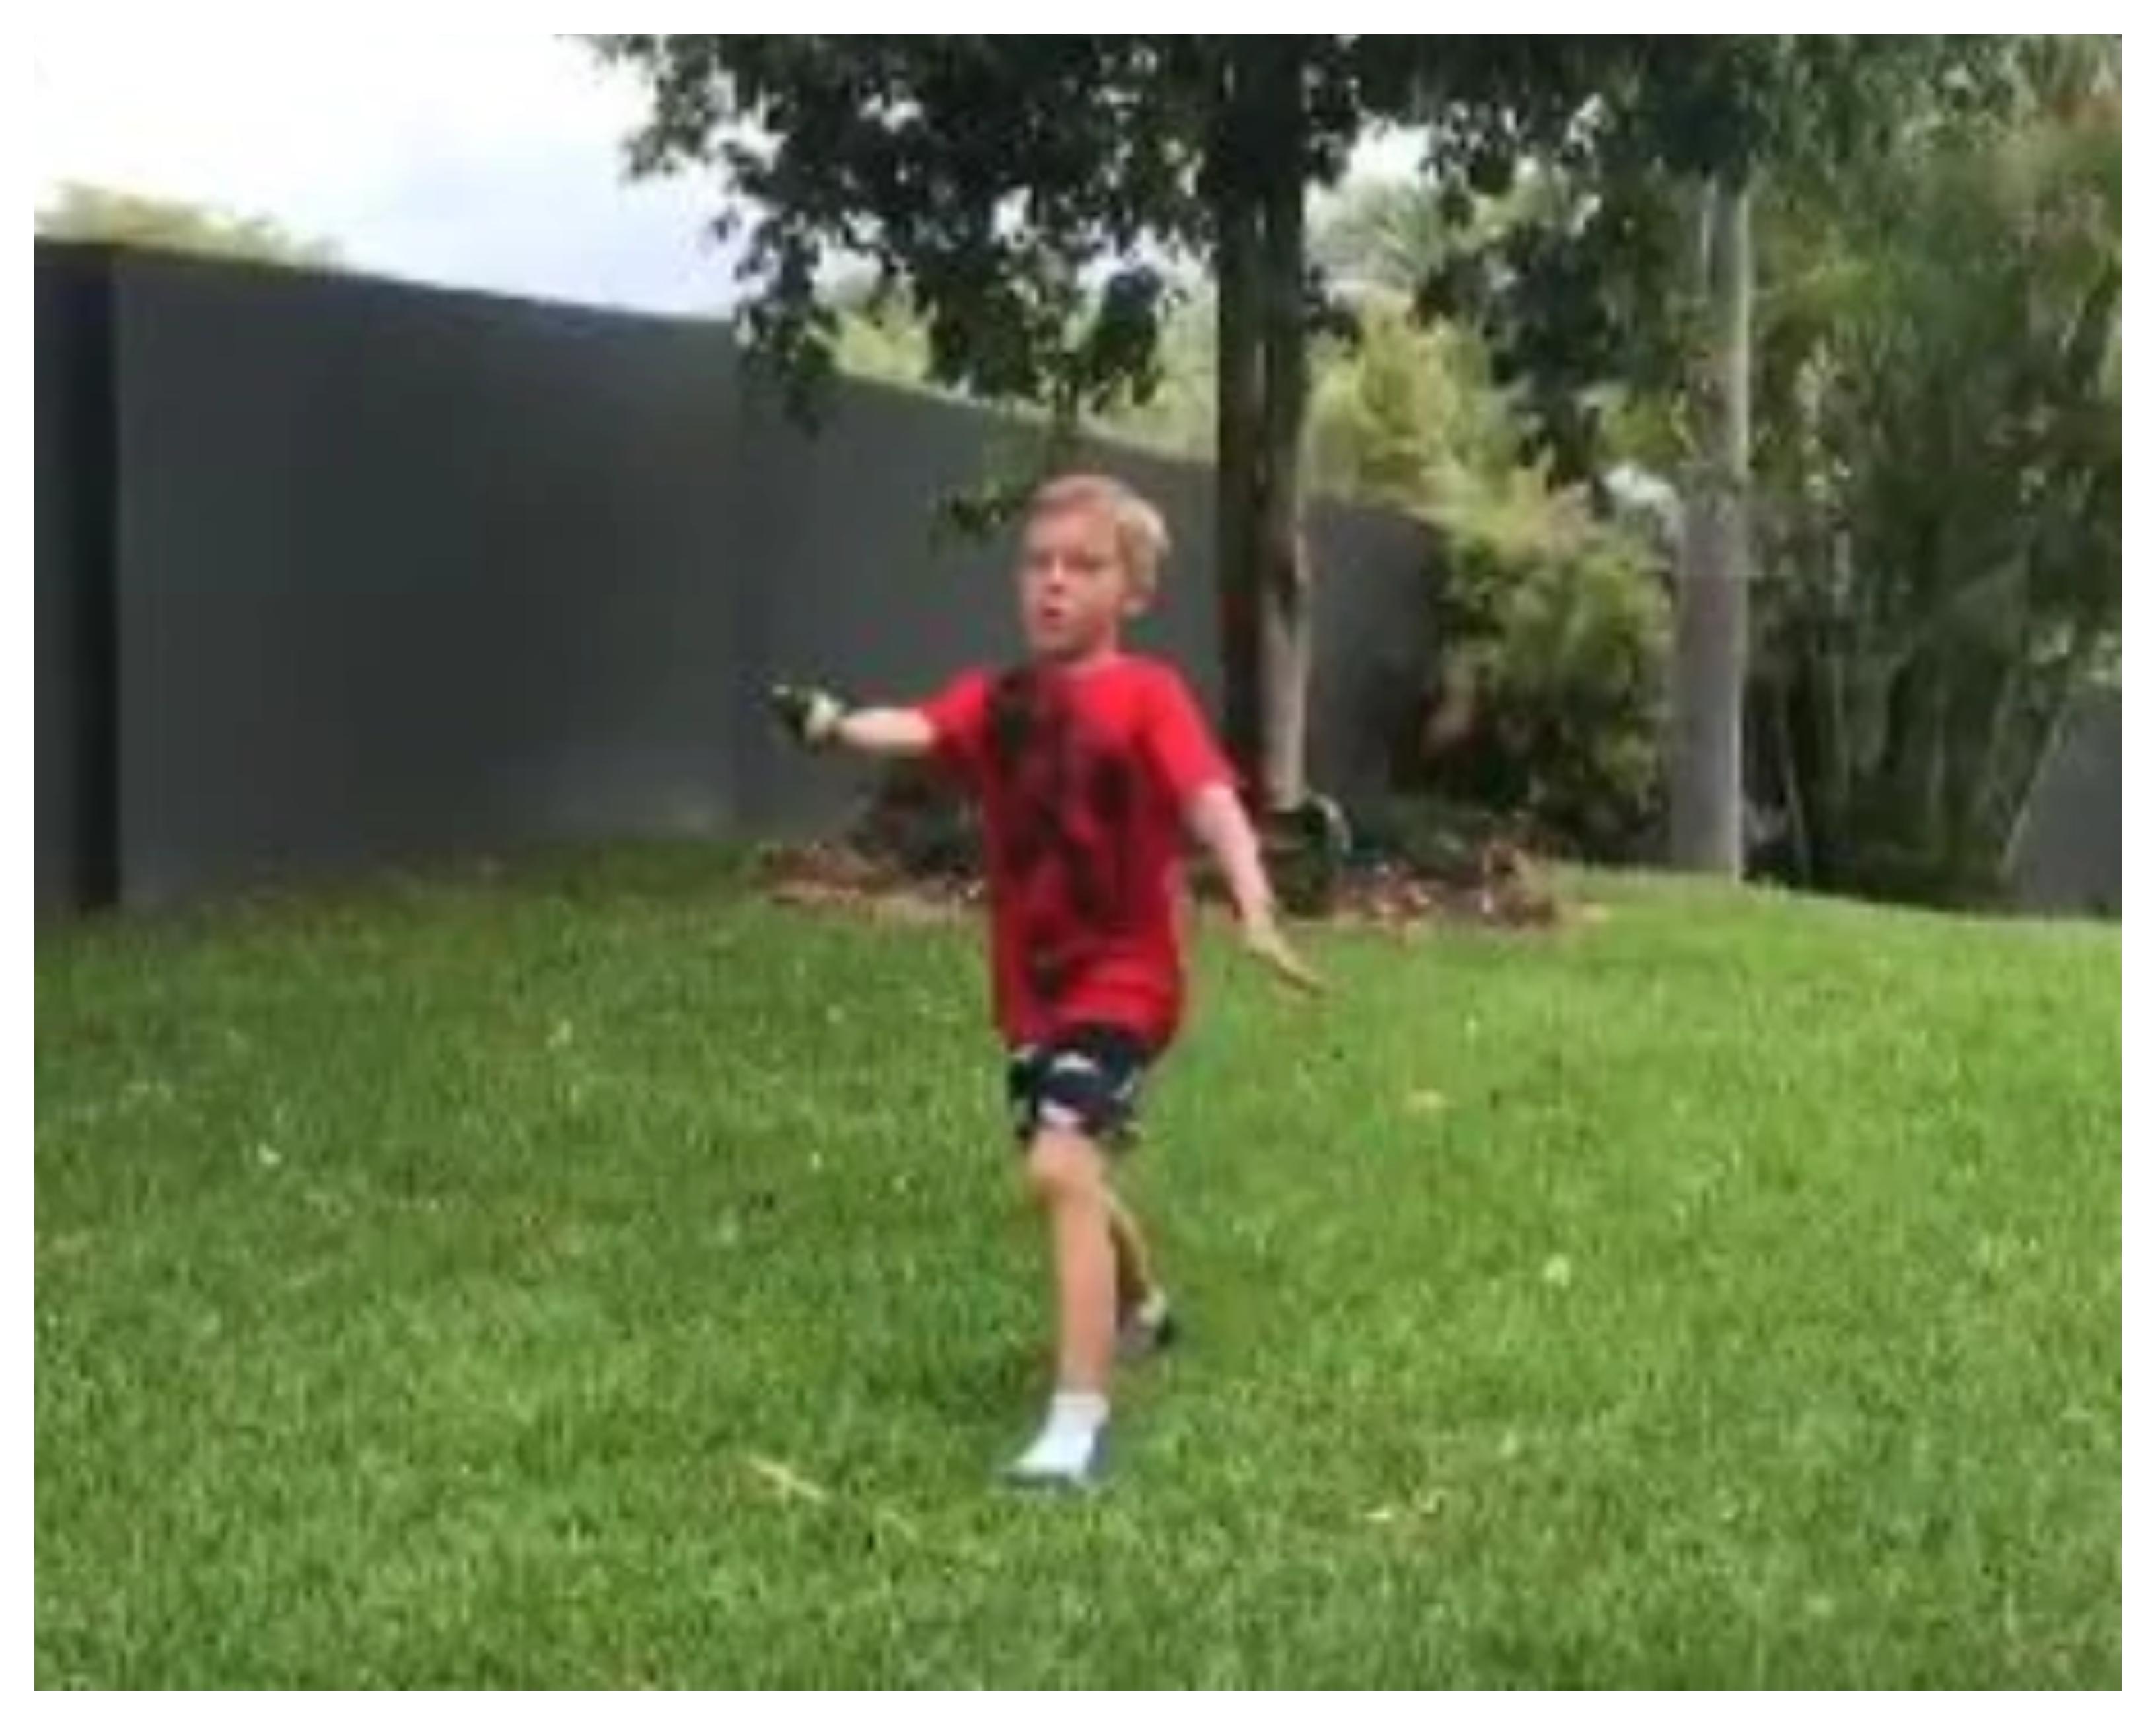 Australian kid imitates Jasprit Bumrah's bowling action | Twitter